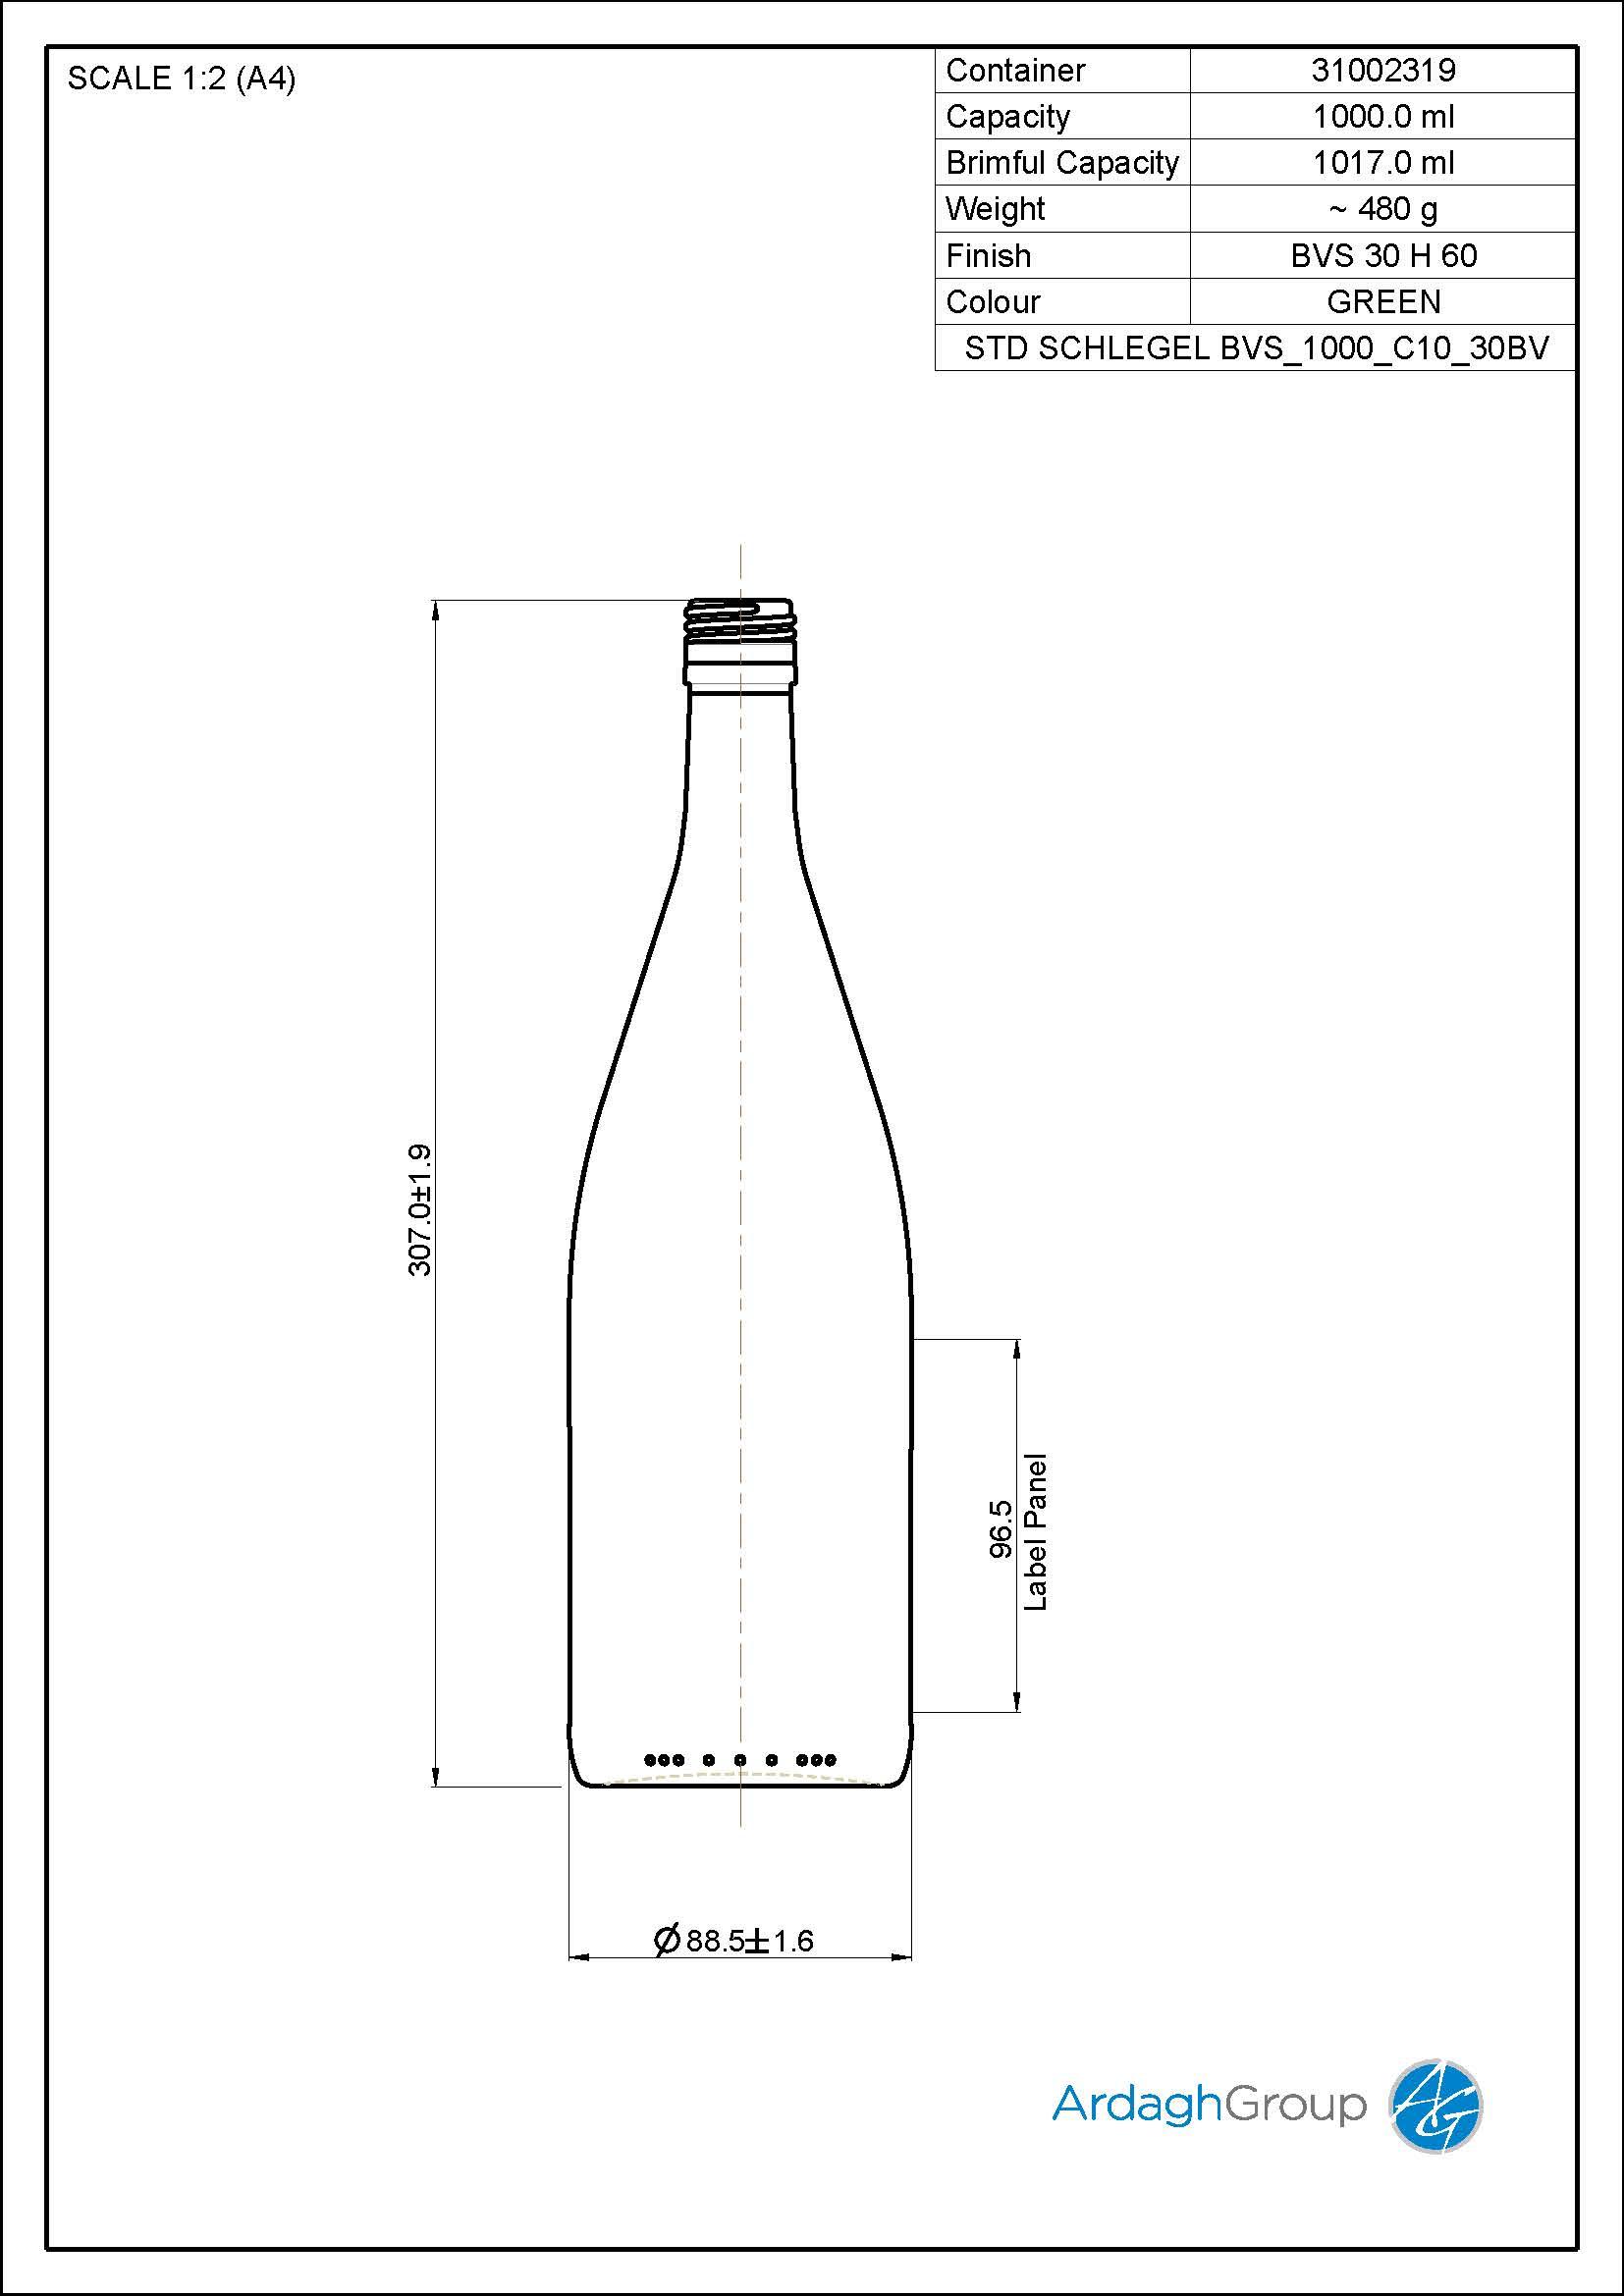 1000ml Green Glass Schlegel Wine Bottle 31002319